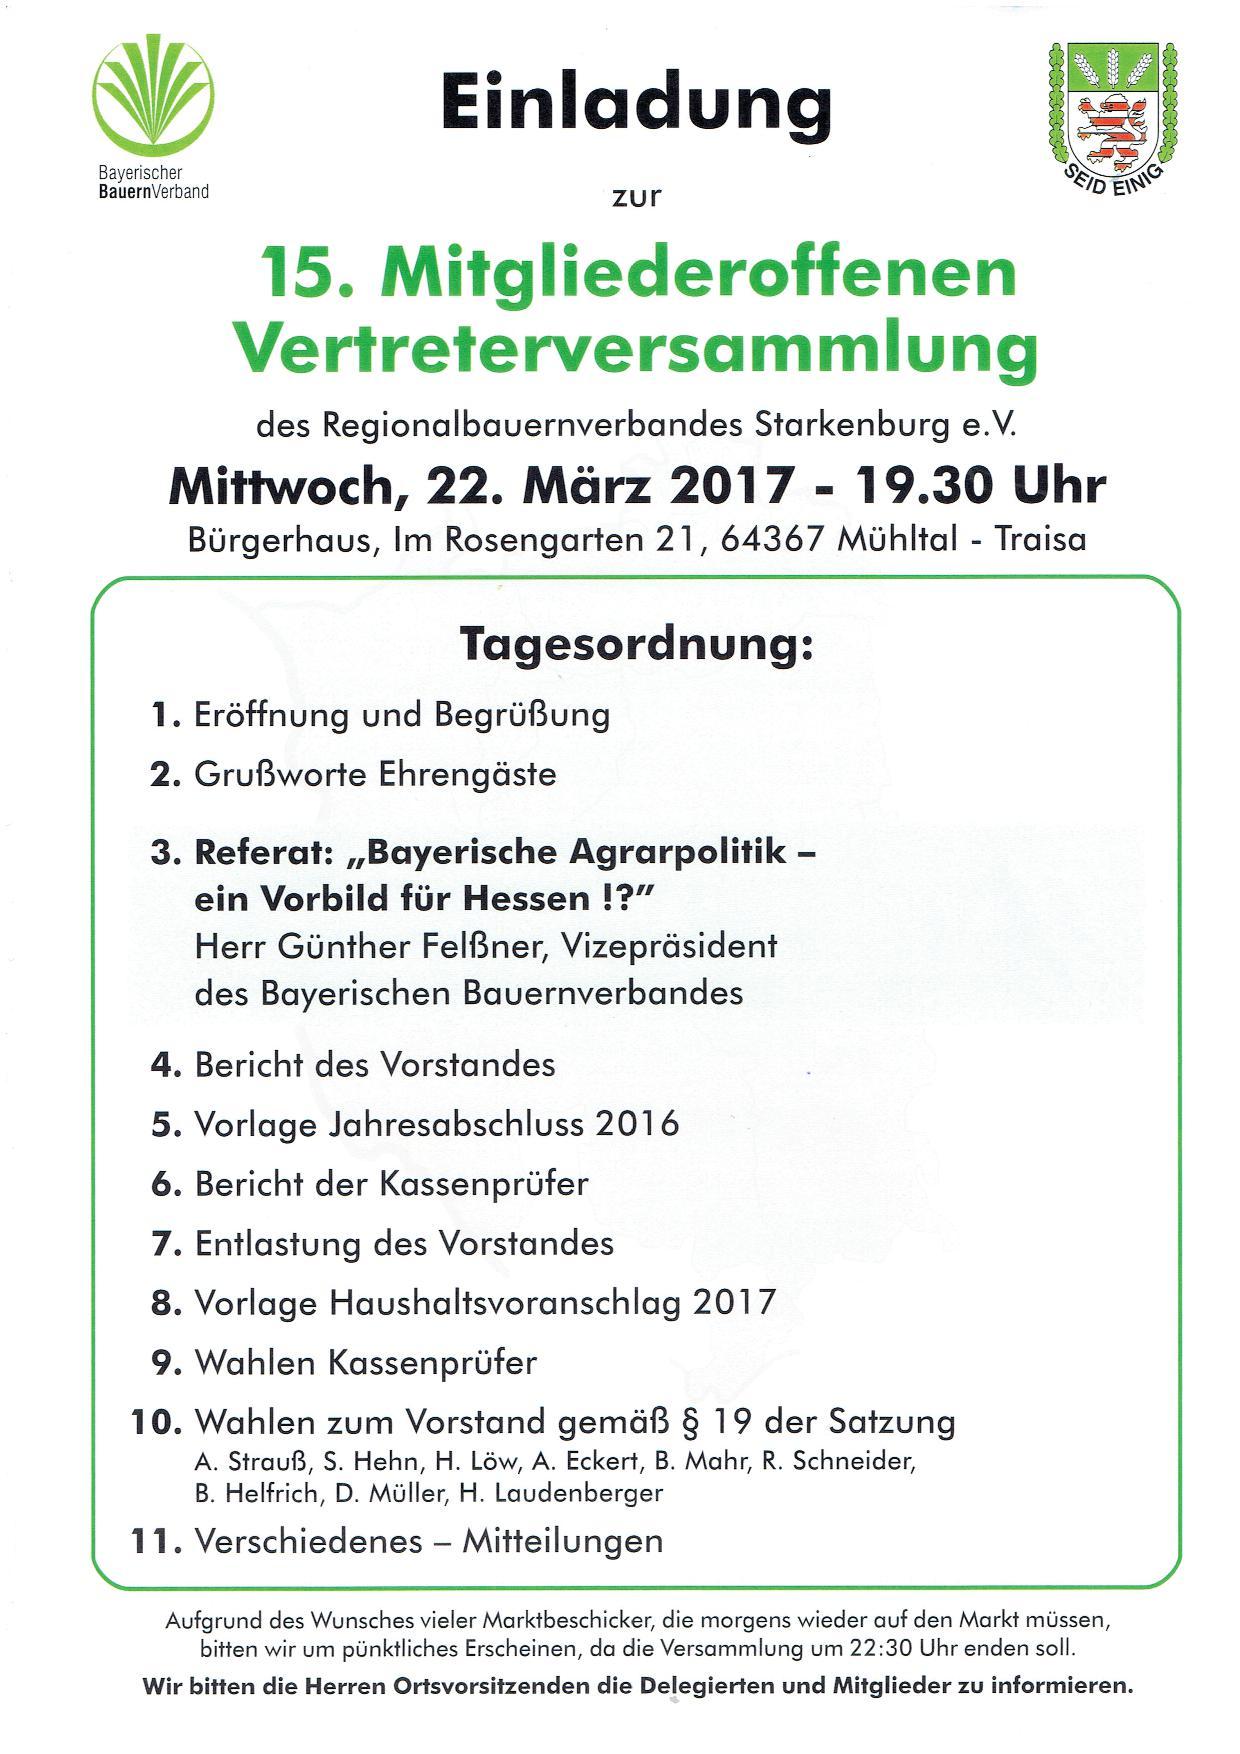 Gemütlich Vorlagen Für Die Tagesordnung Fotos - Ideen fortsetzen ...